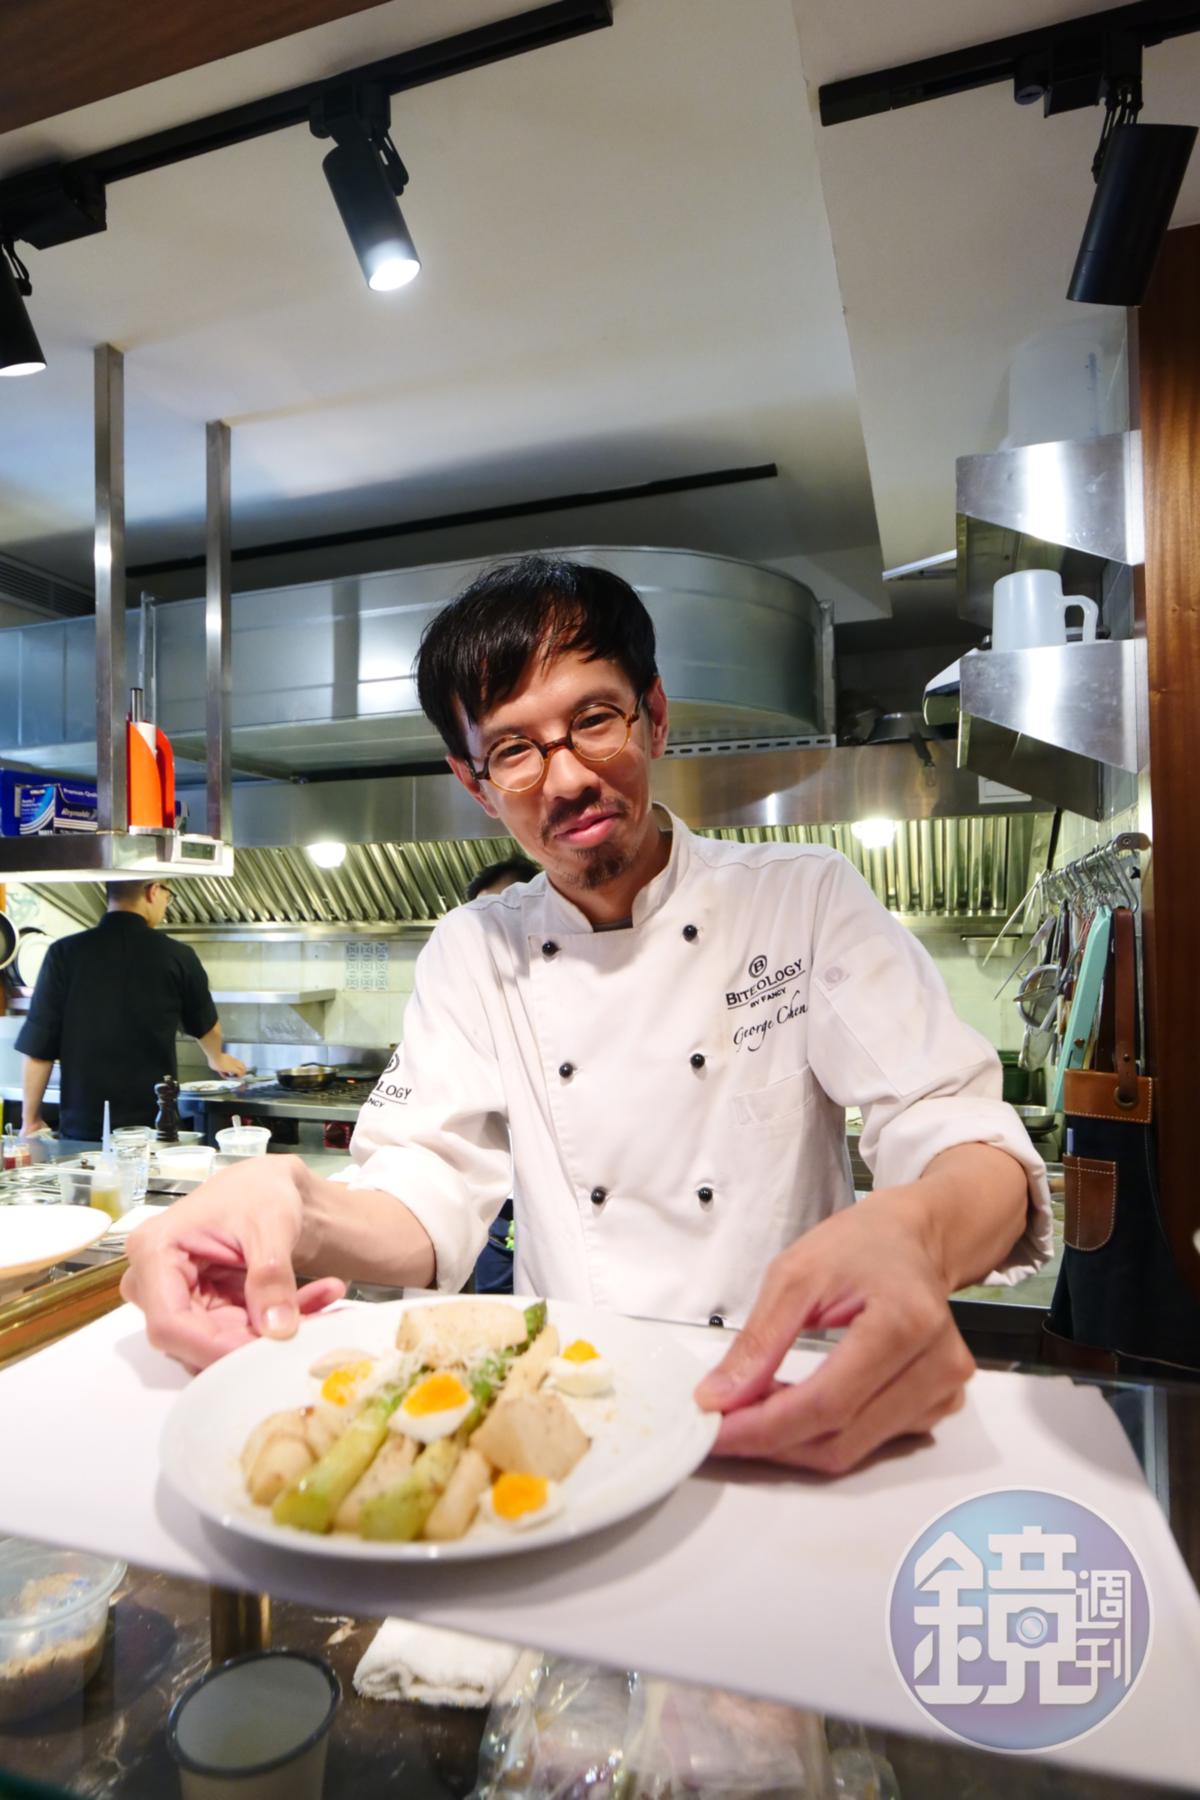 前「咬學問 Biteology」餐廳主廚陳炫維(George),認為選喝自然酒,就是支持農人、釀酒師可以持續用自然方式種植及釀酒。